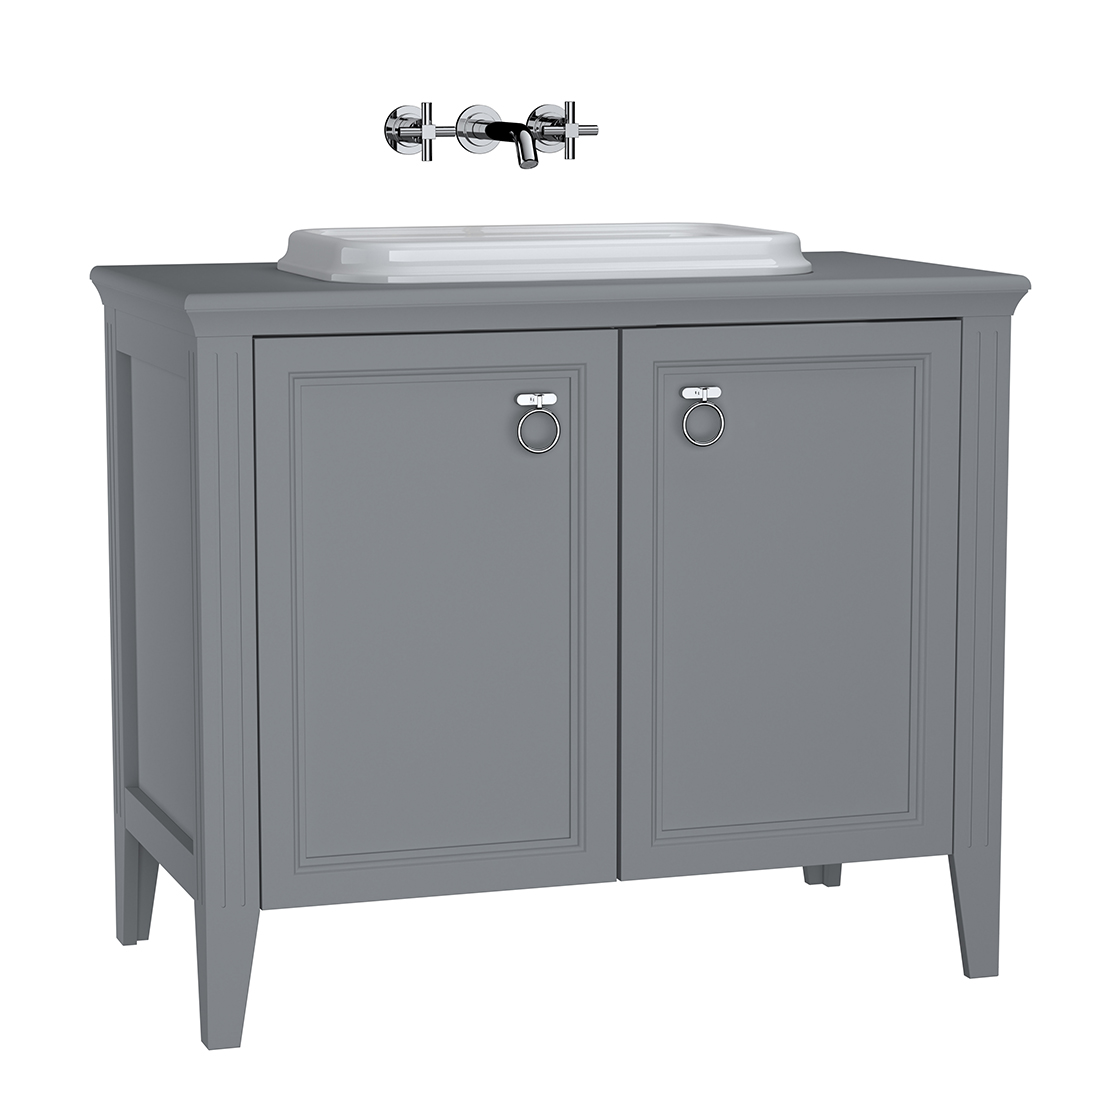 Valarte meuble sous vasque encastrée, 100 cm, avec portes, gris mat